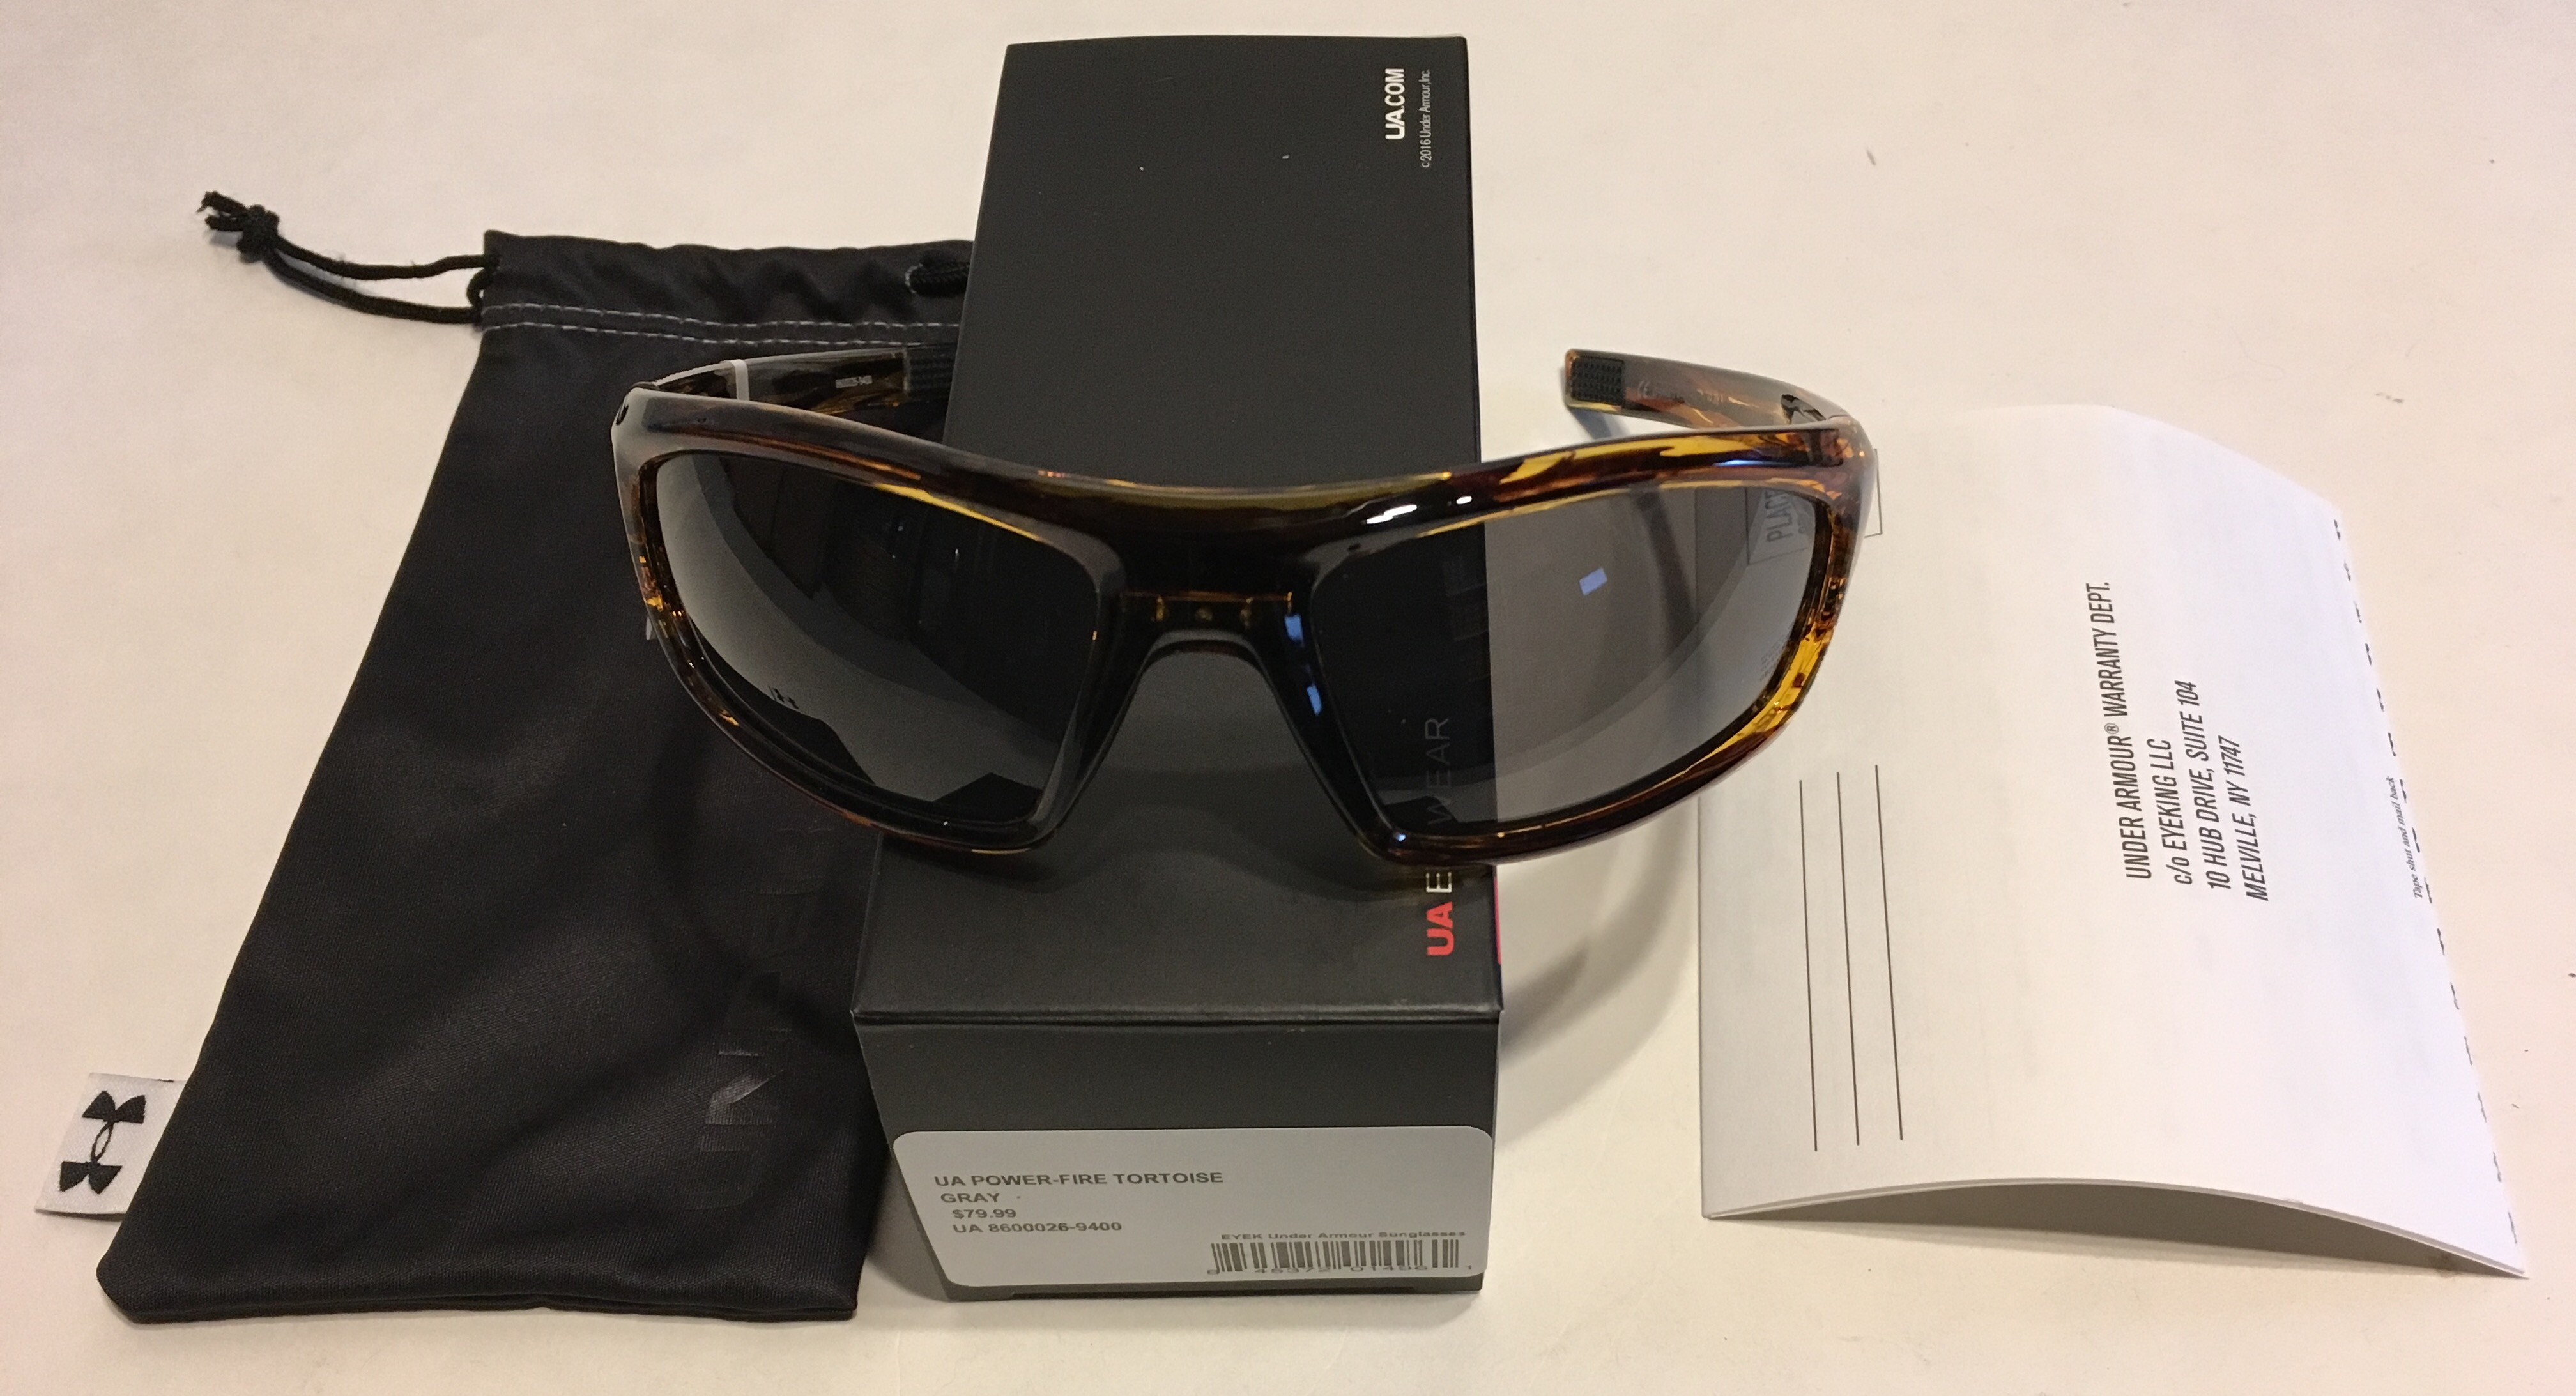 6634a7bc7f Under Armour Power Sunglasses UA – Fire Tortoise Frame – Gray Lens ...